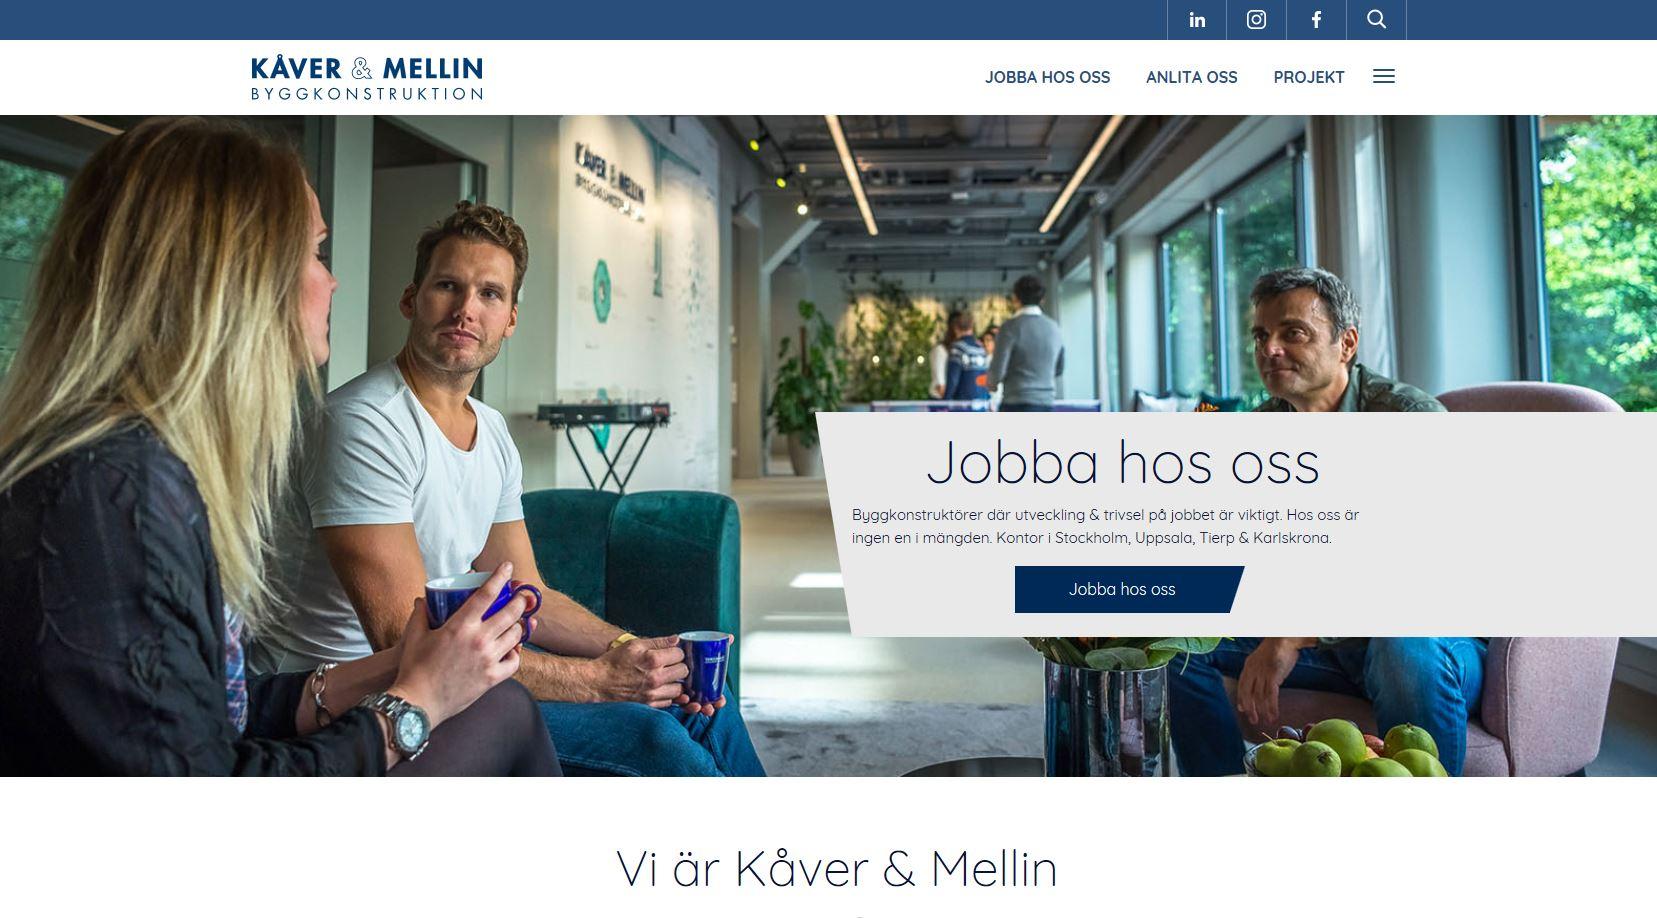 Kåver & Mellins nya hemsida.